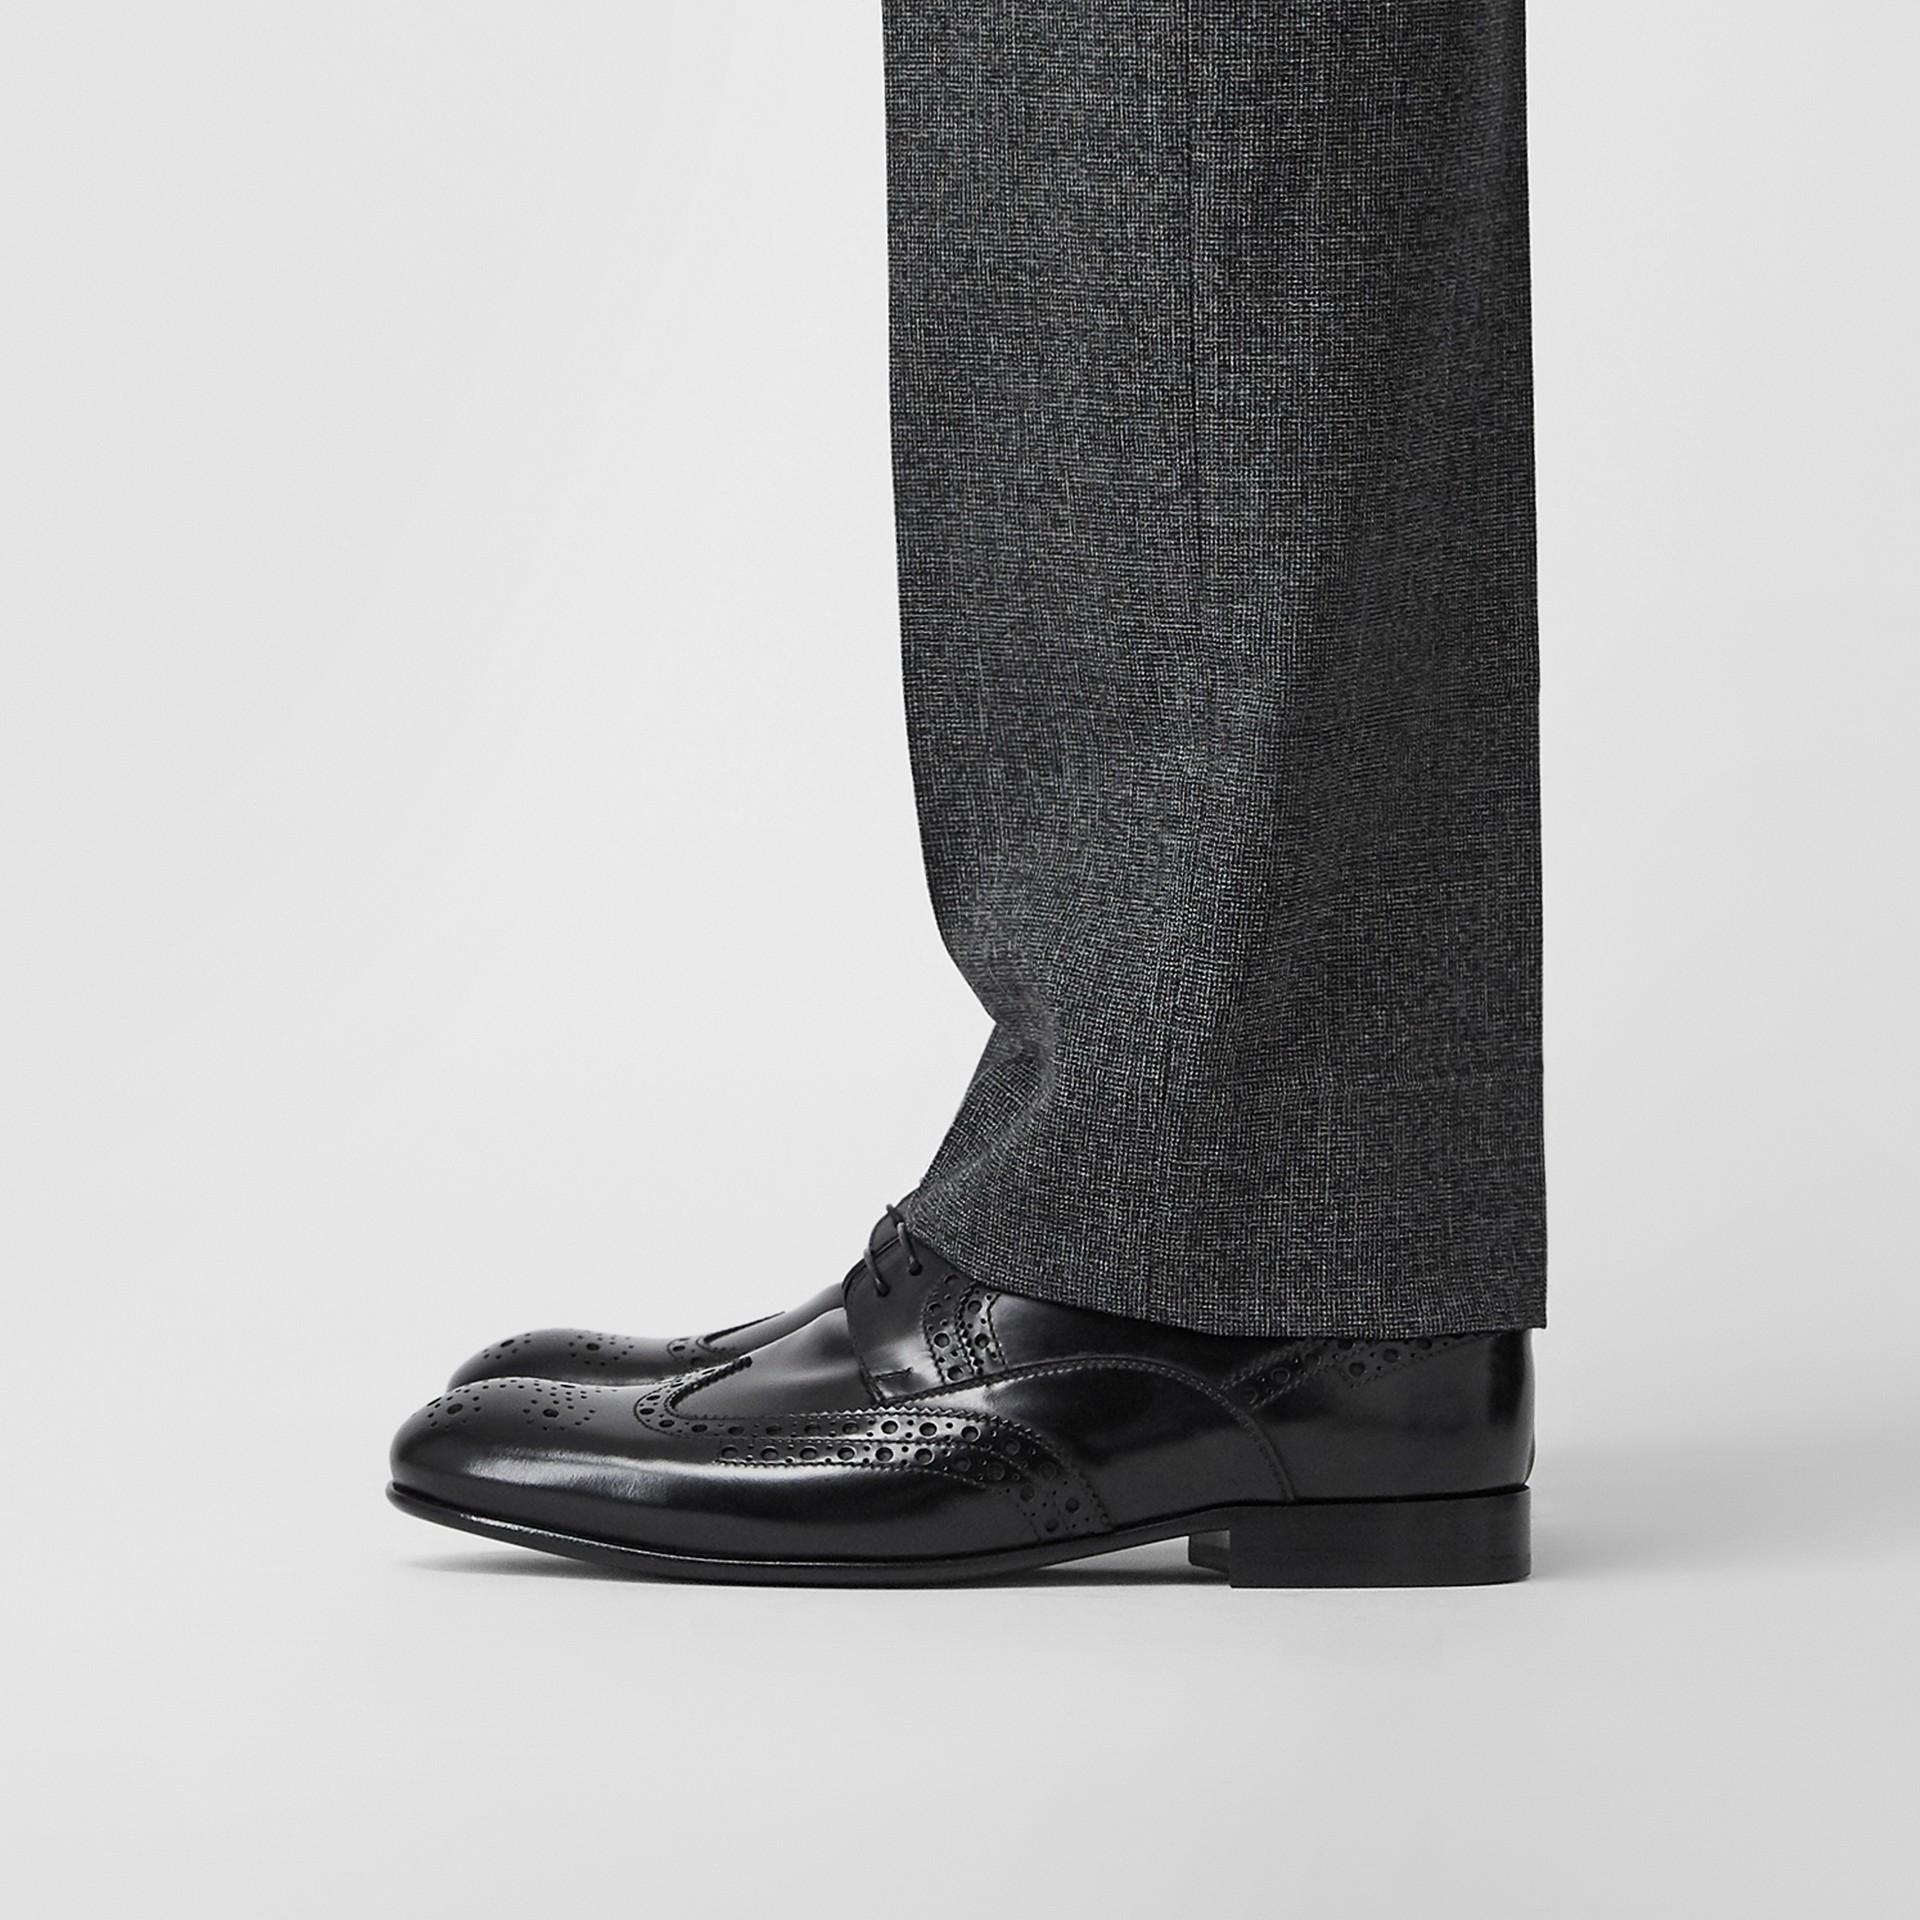 Sapatos Derby de couro com detalhe brogue (Preto) - Homens | Burberry - galeria de imagens 2